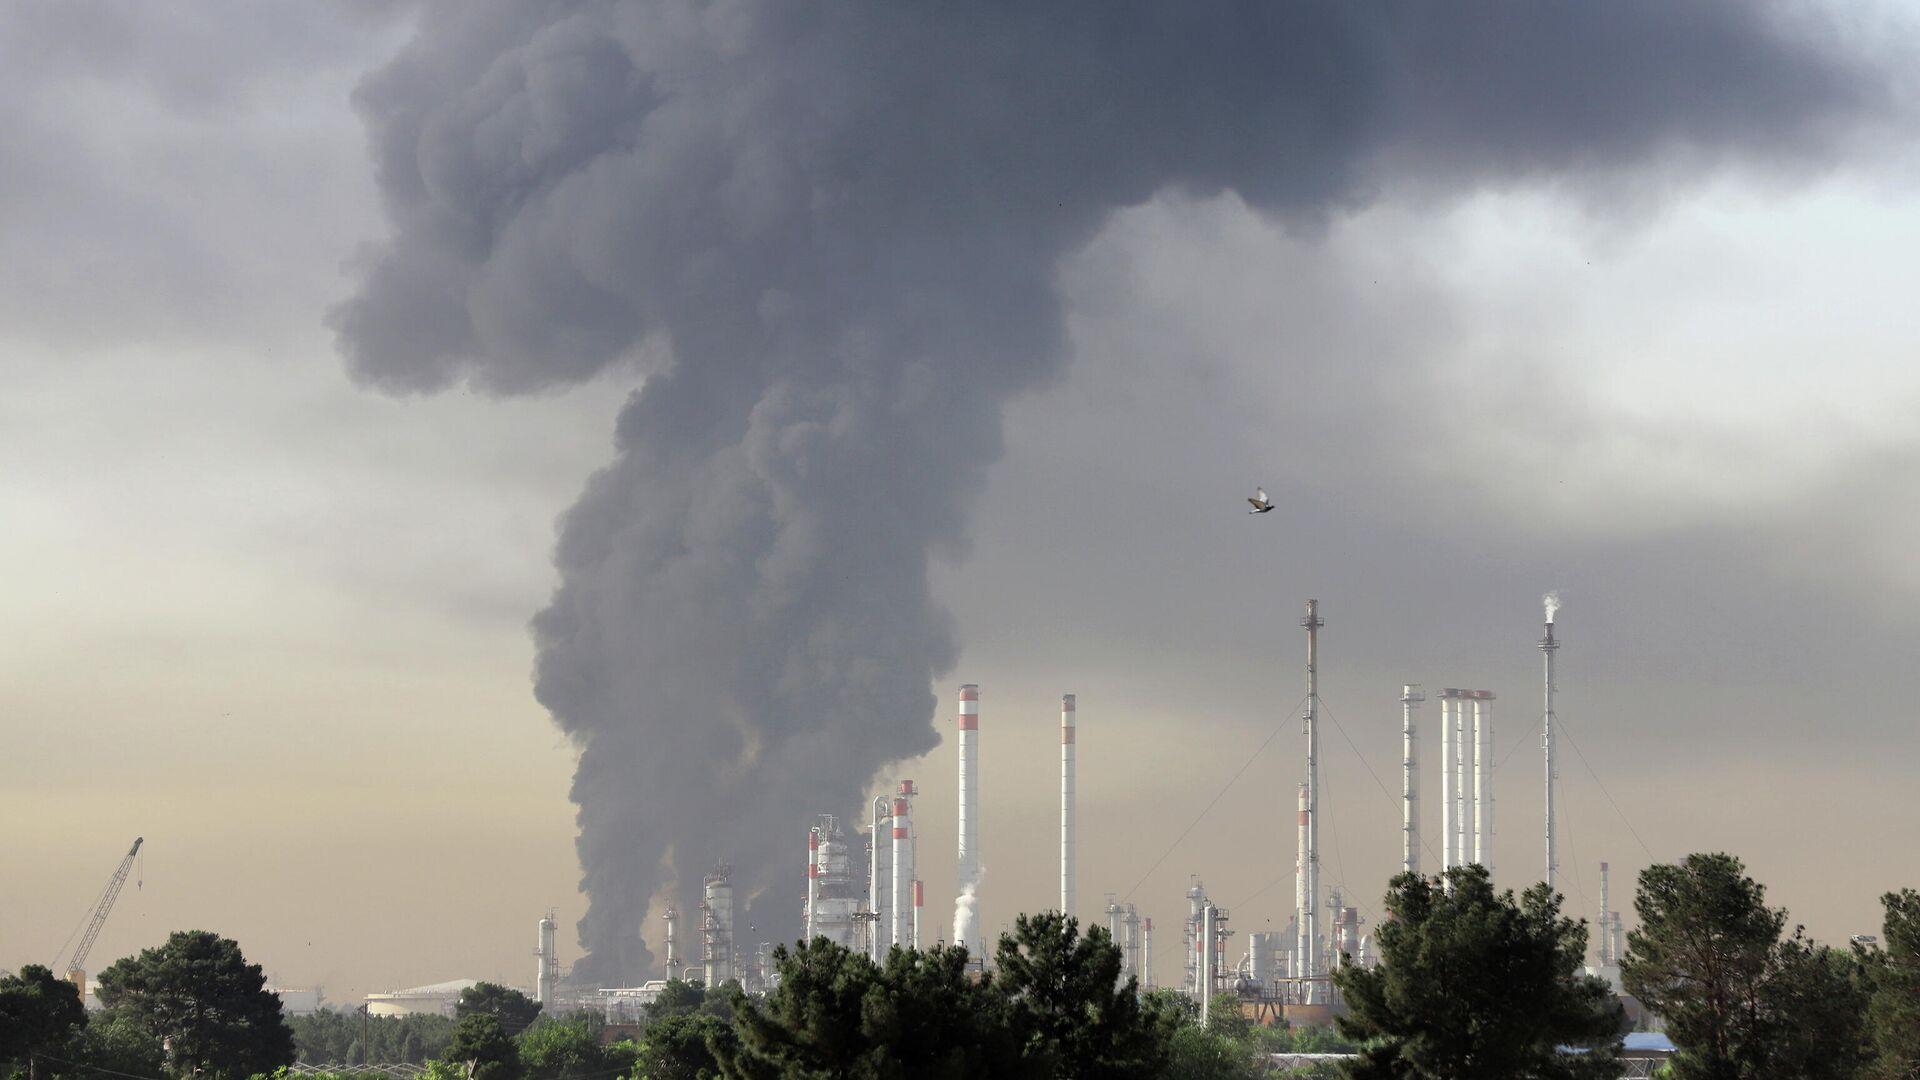 Incendio en una refinería de petróleo del sur de Teherán - Sputnik Mundo, 1920, 03.06.2021